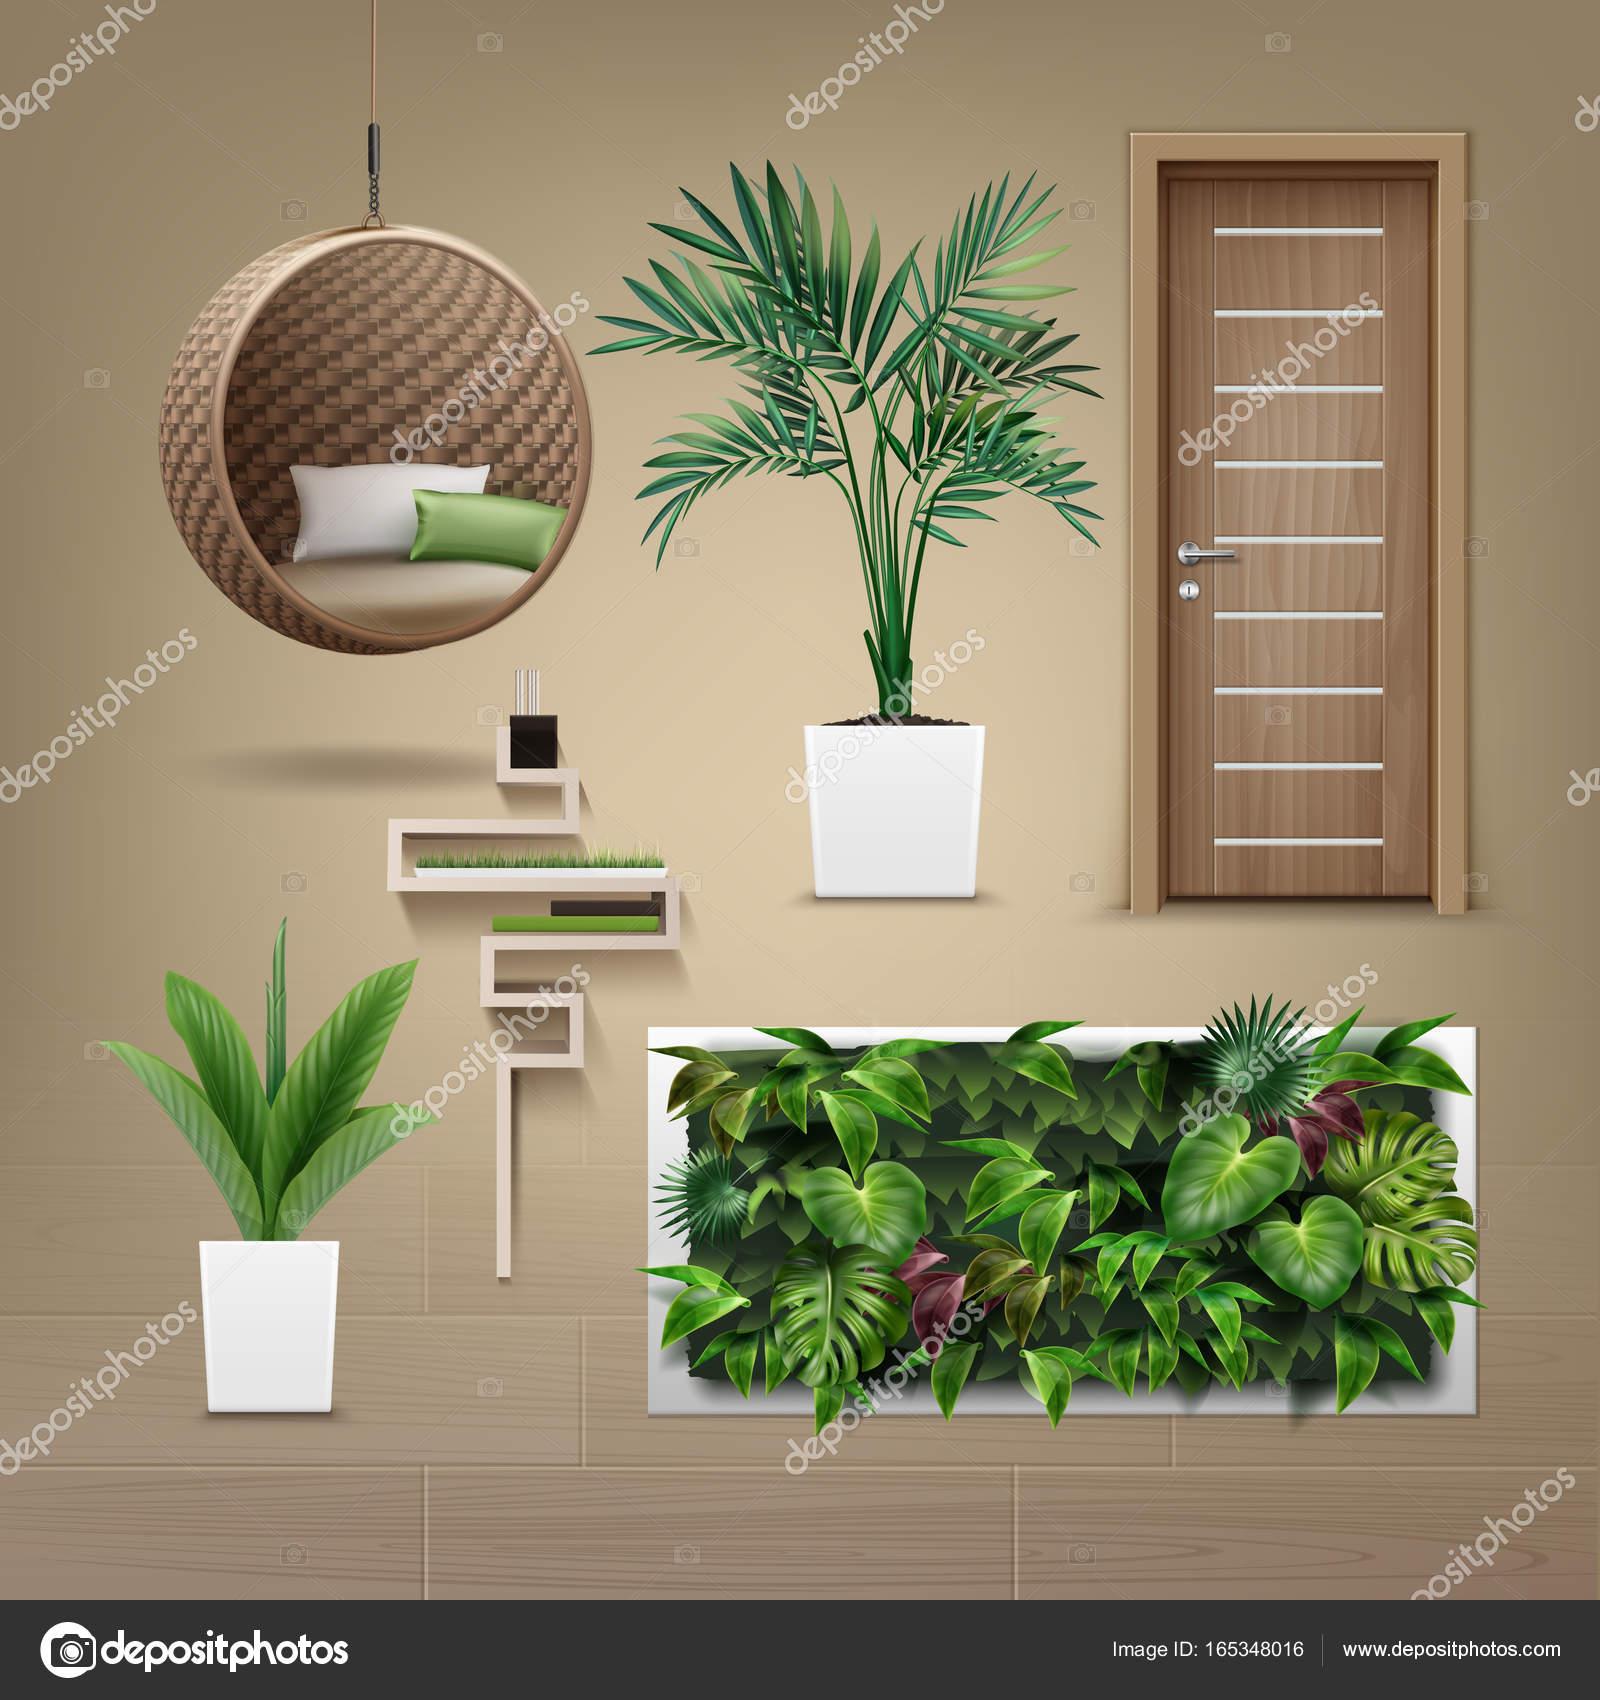 Mobilier Eco Minimaliste Vector Image Vectorielle Mssa C 165348016